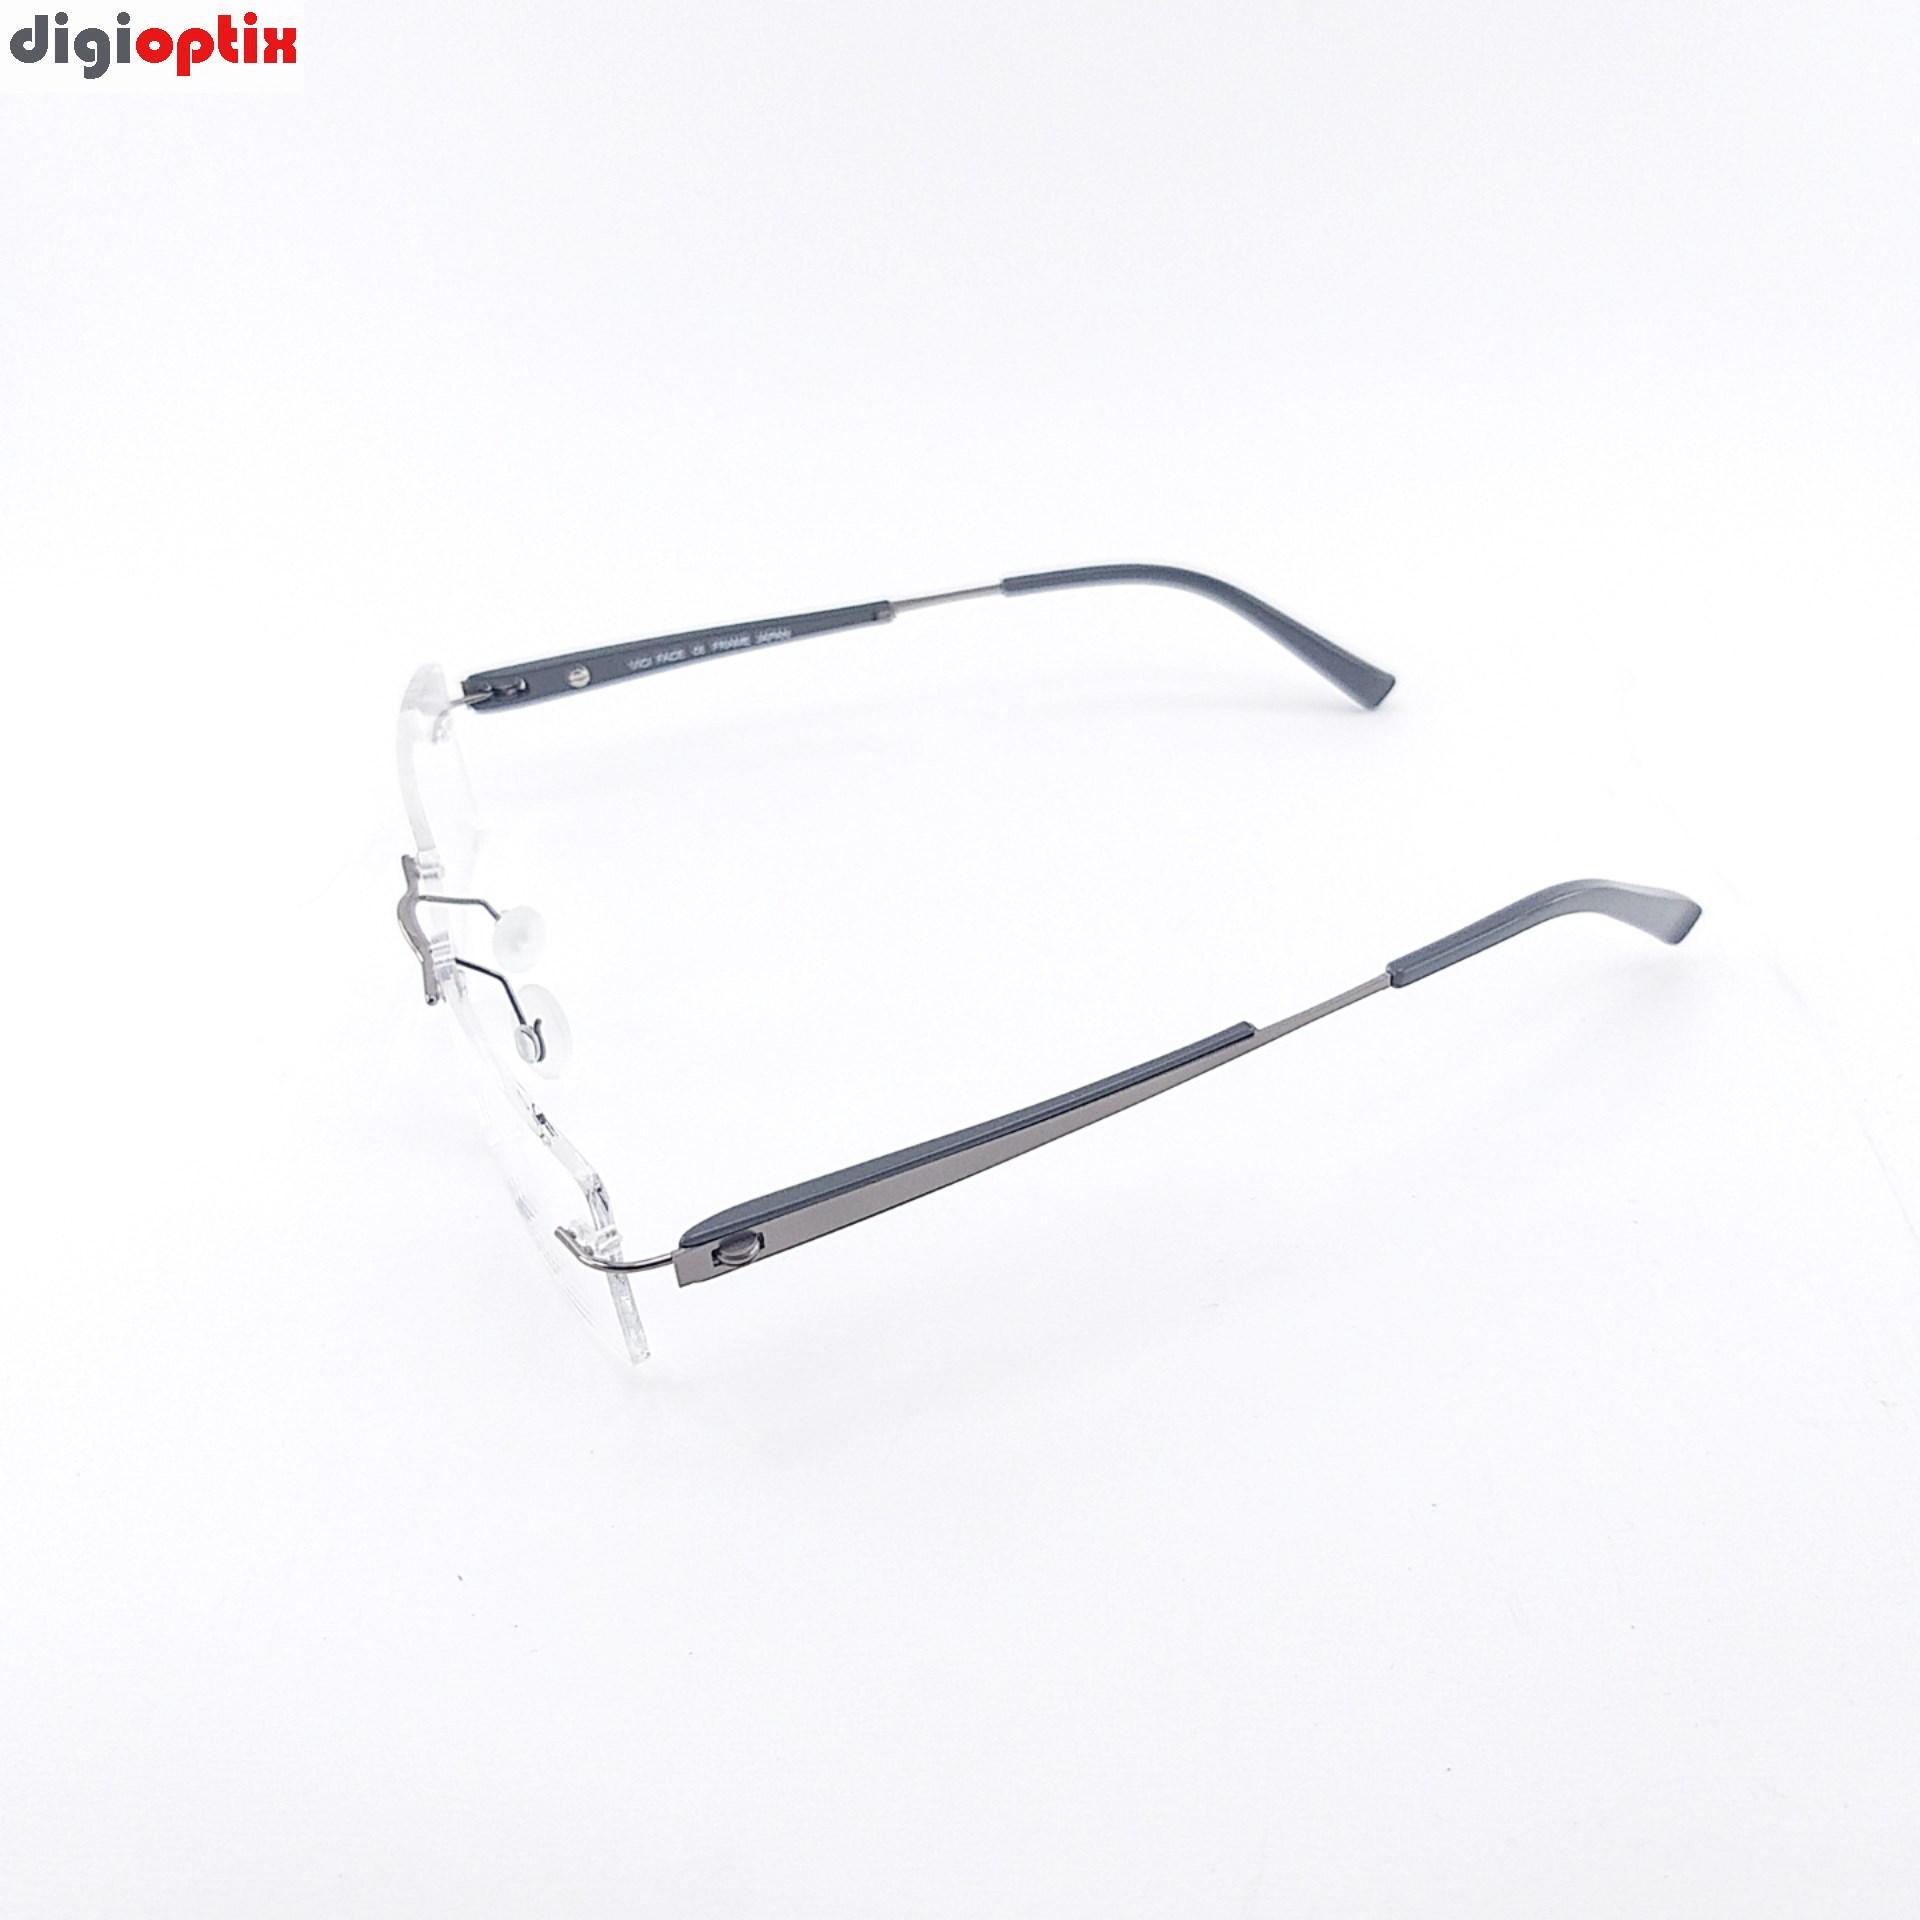 فریم عینک طبی ریم لس مارک Eyewear ژاپن مدل 6286.2